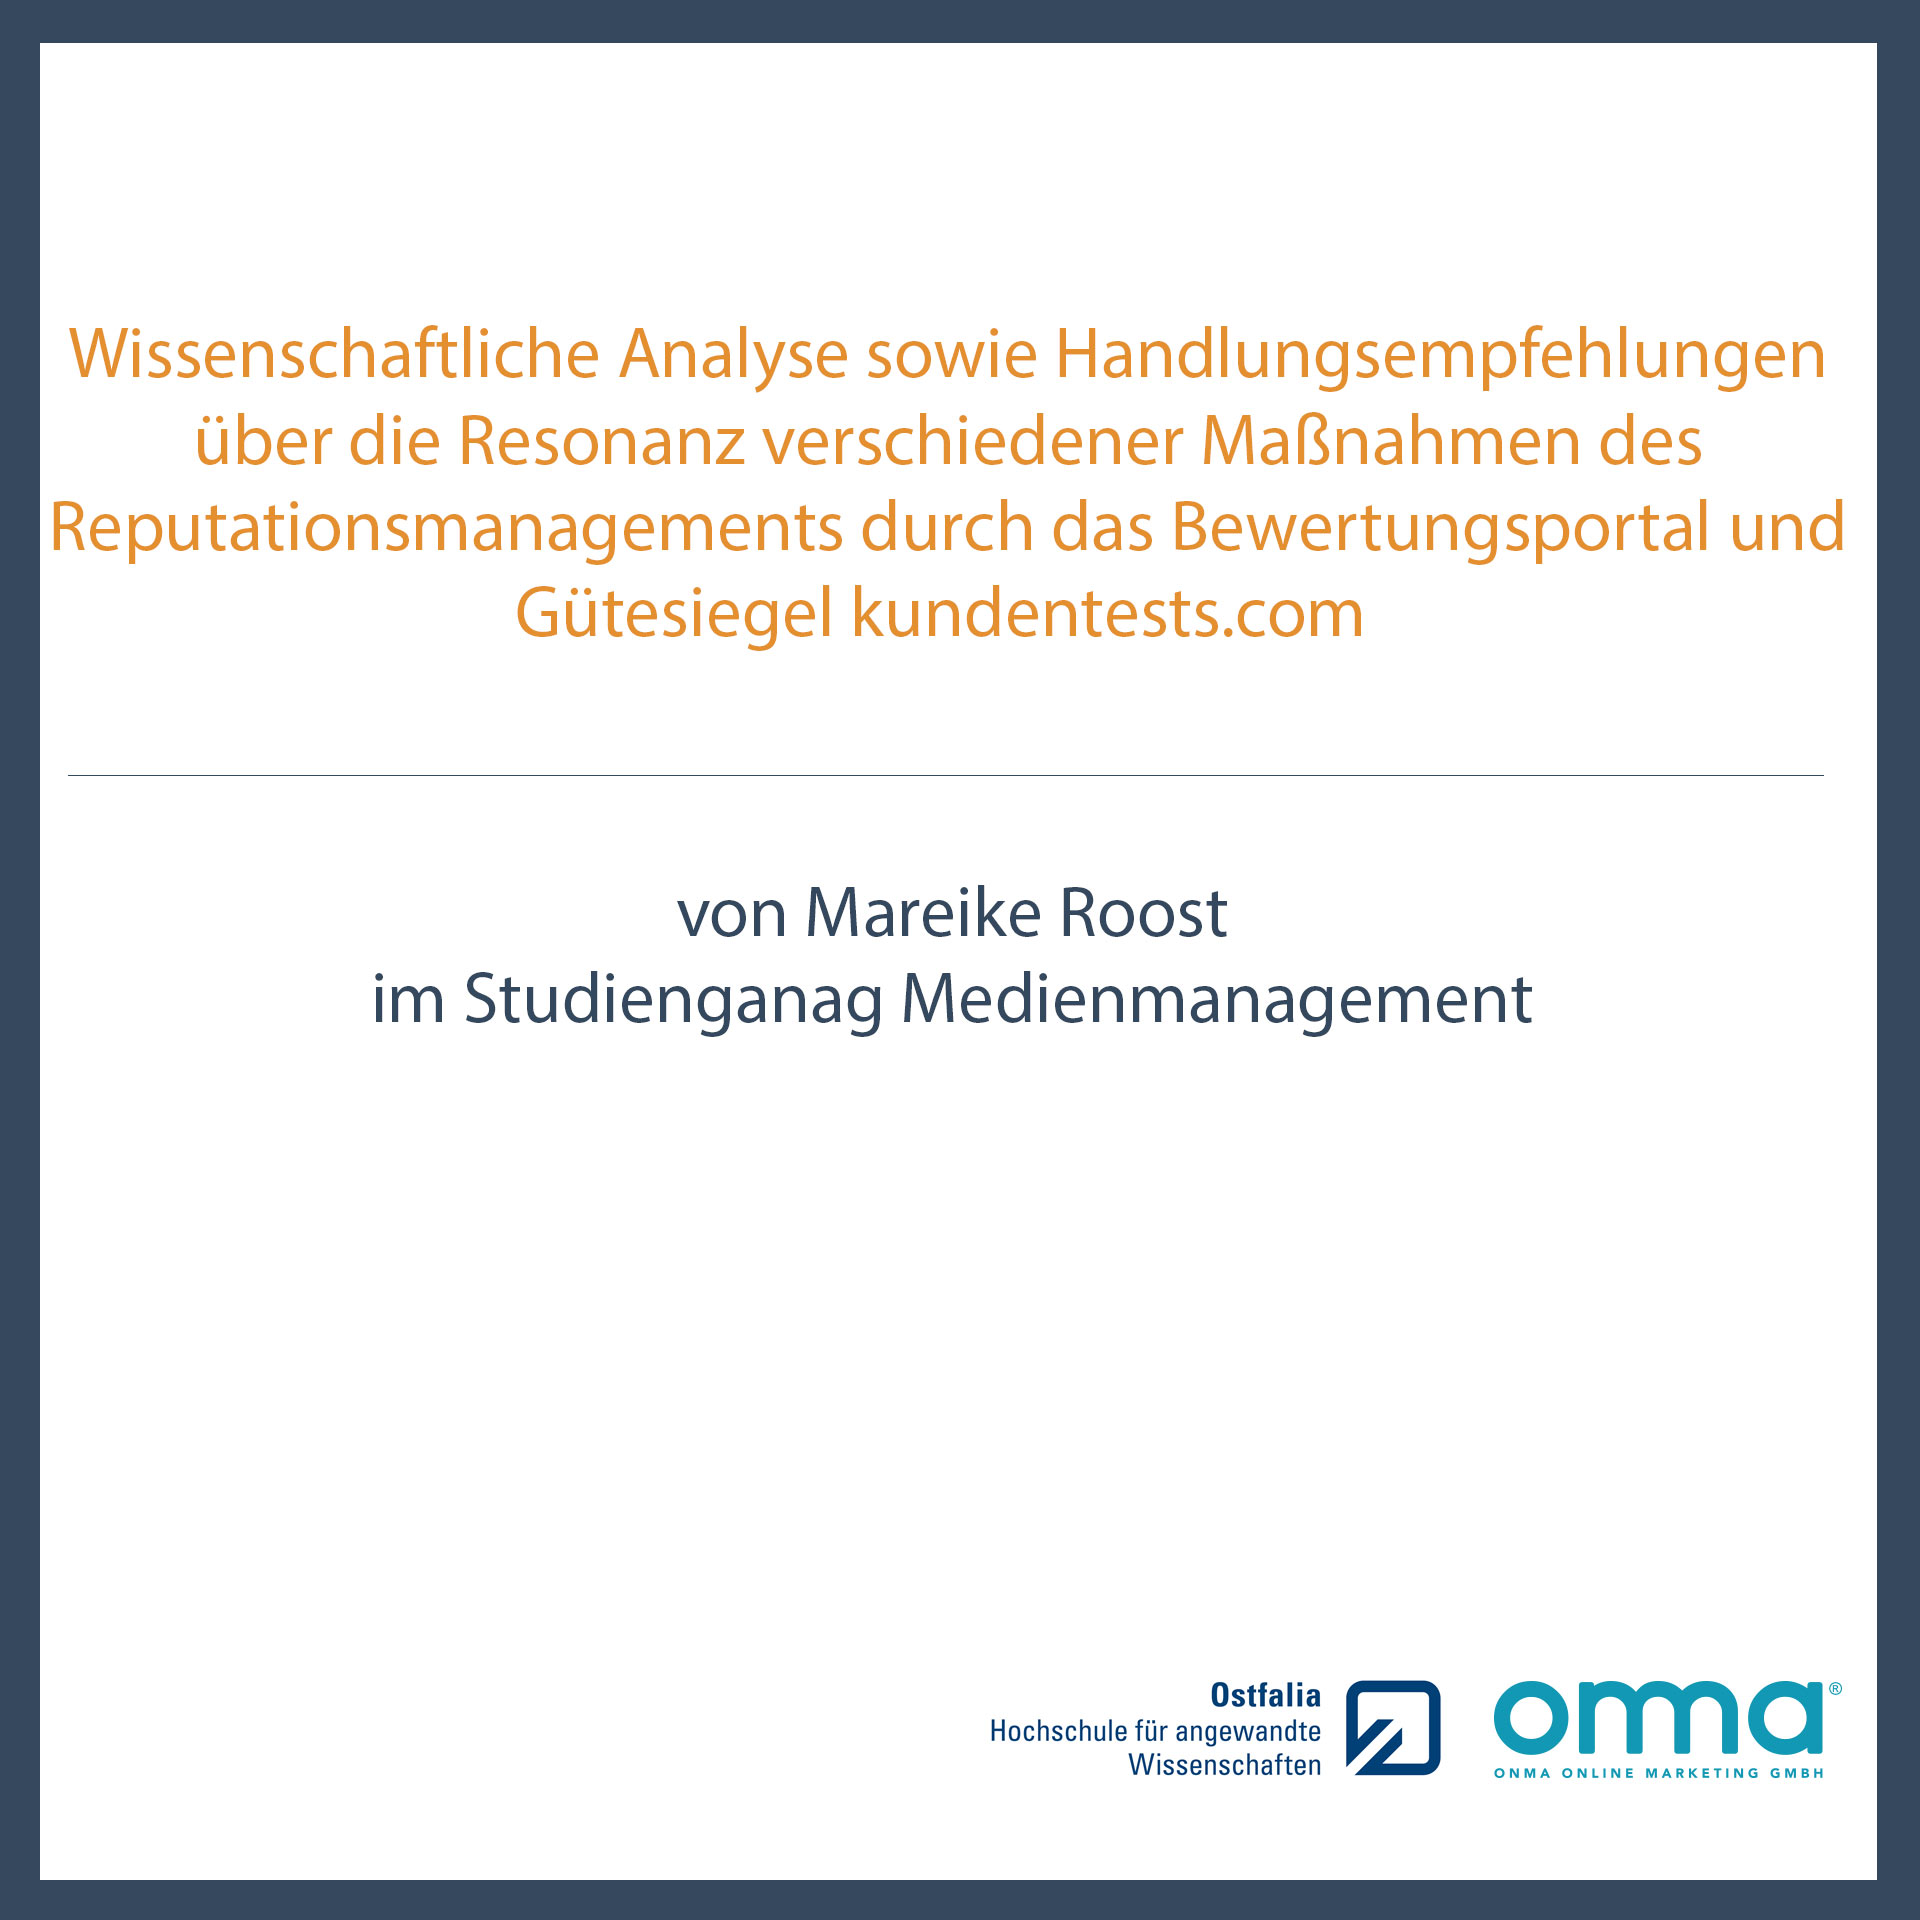 Titelbild-Mareike-Roost